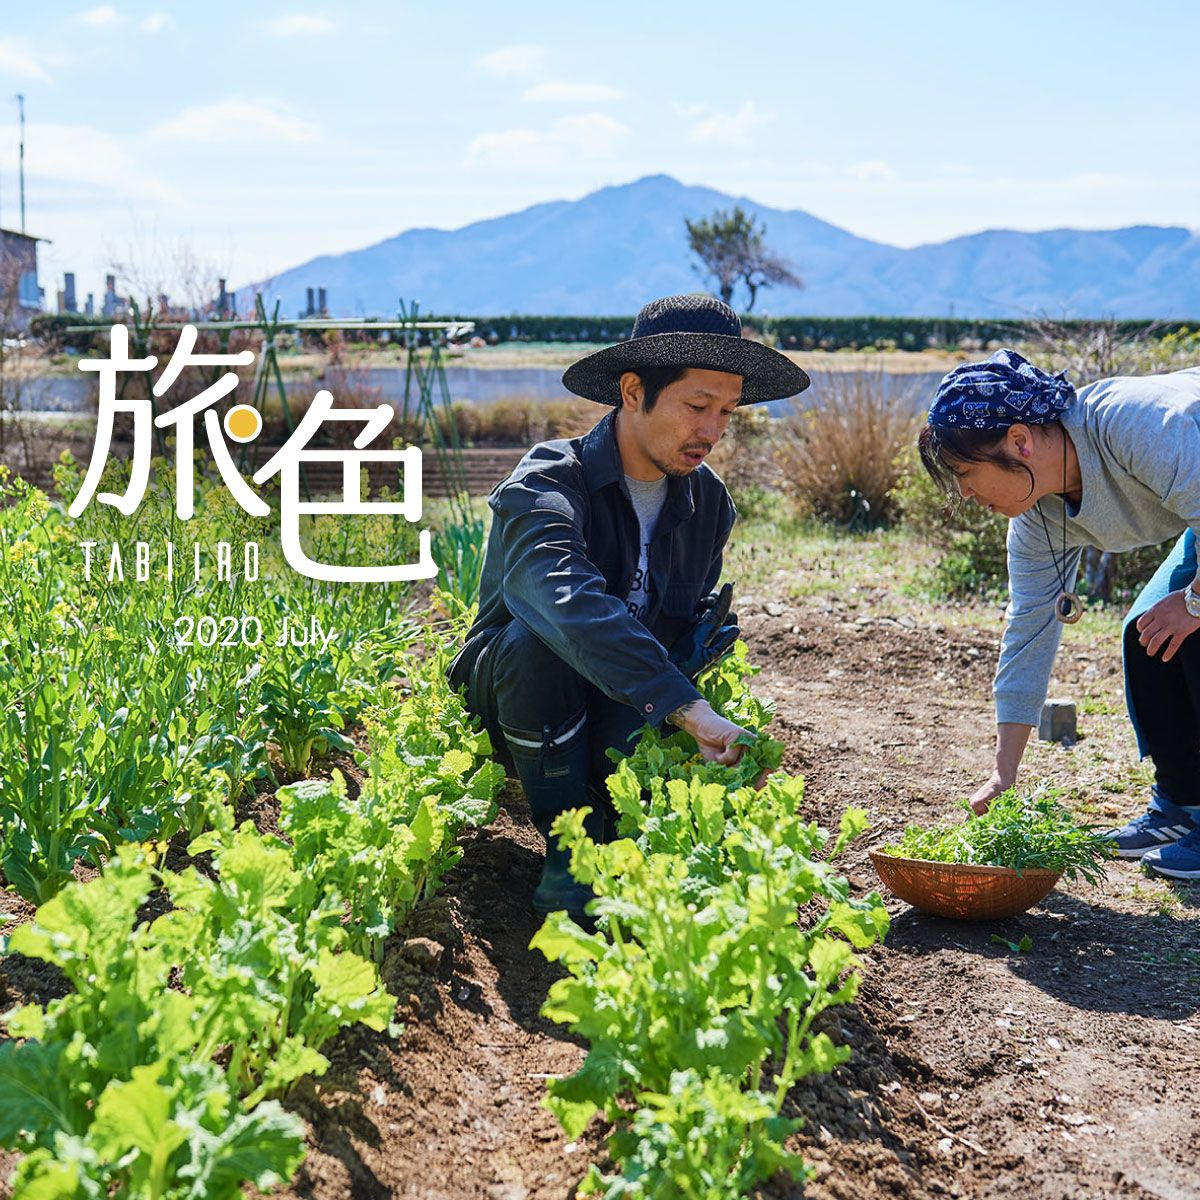 写真家 浅田政志の 宿旅 農家民宿iimura 月刊旅色 2020年7月号 2020 農家 民宿 写真家